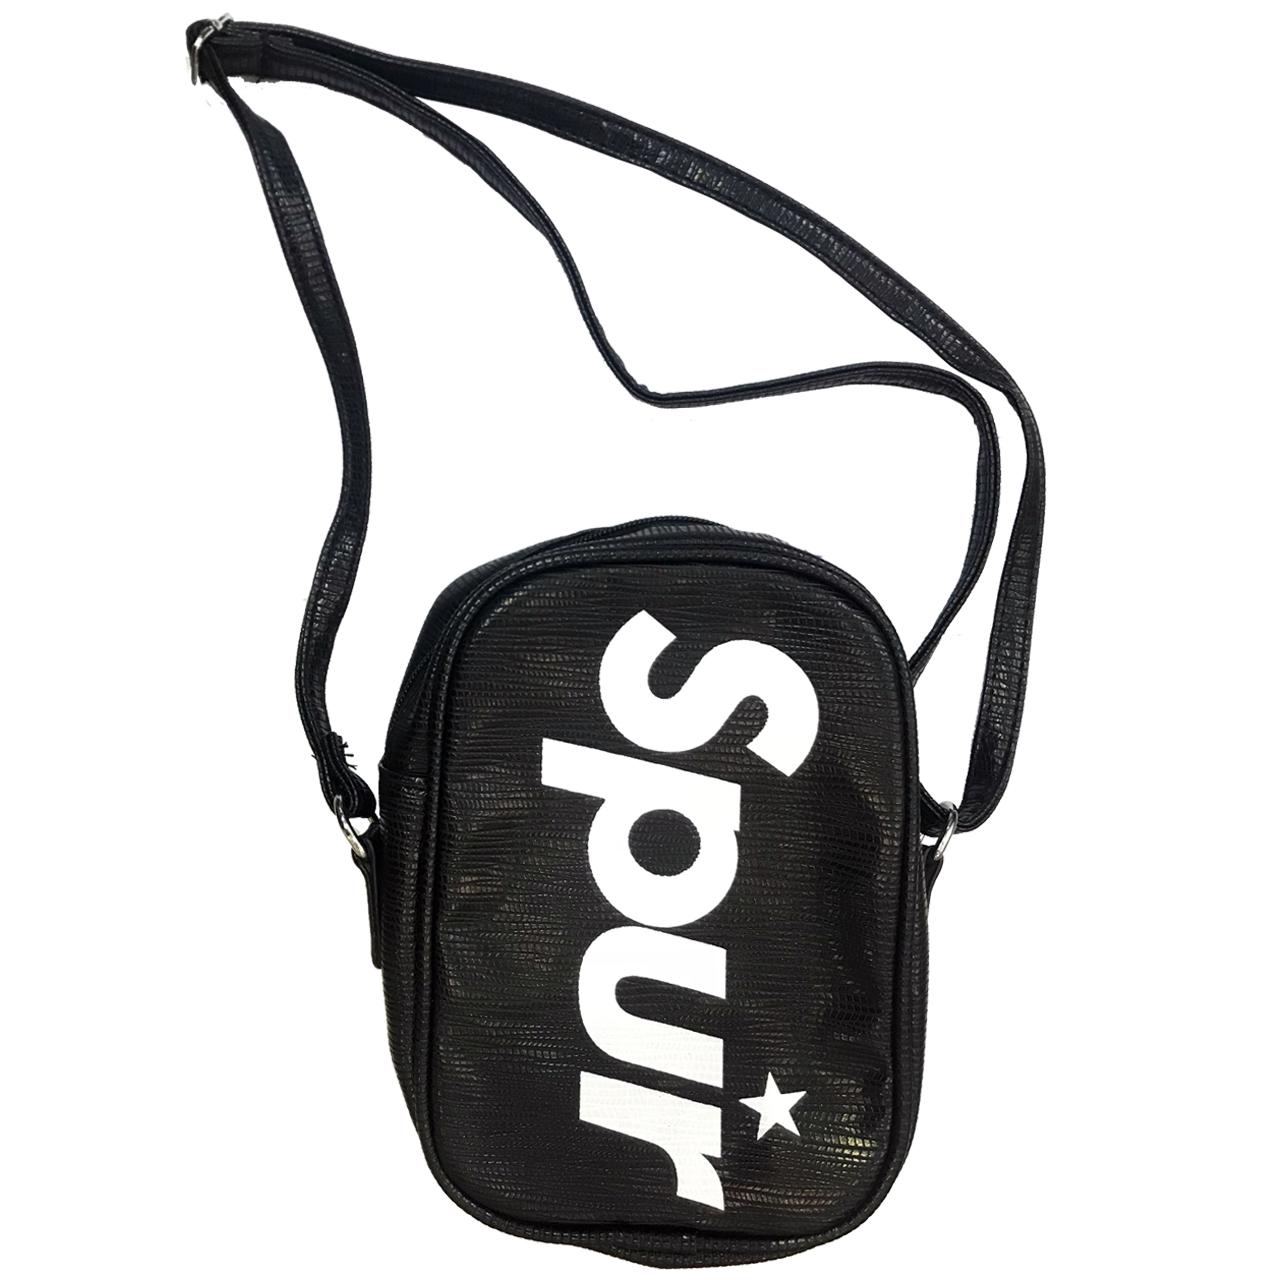 کیف تبلت دوشی مدل SPUR مناسب برای تبلت 7 اینچ